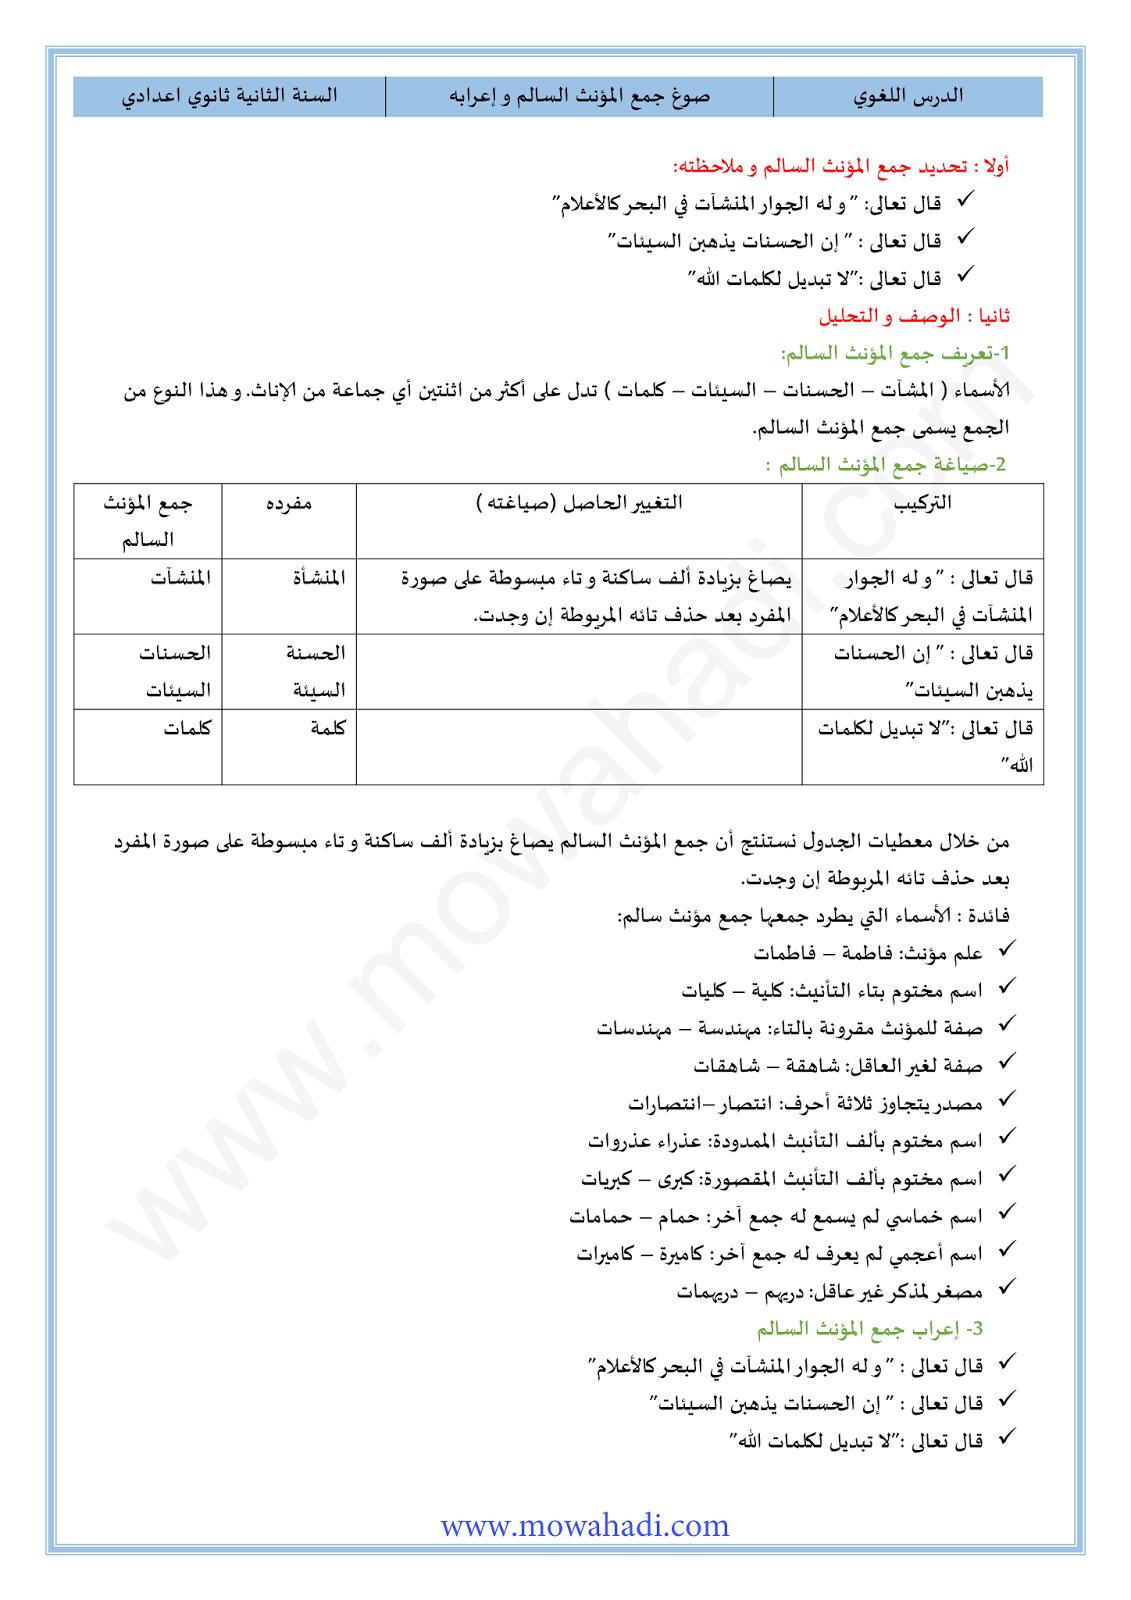 صوغ جمع المؤنث السالم و إعرابه-1